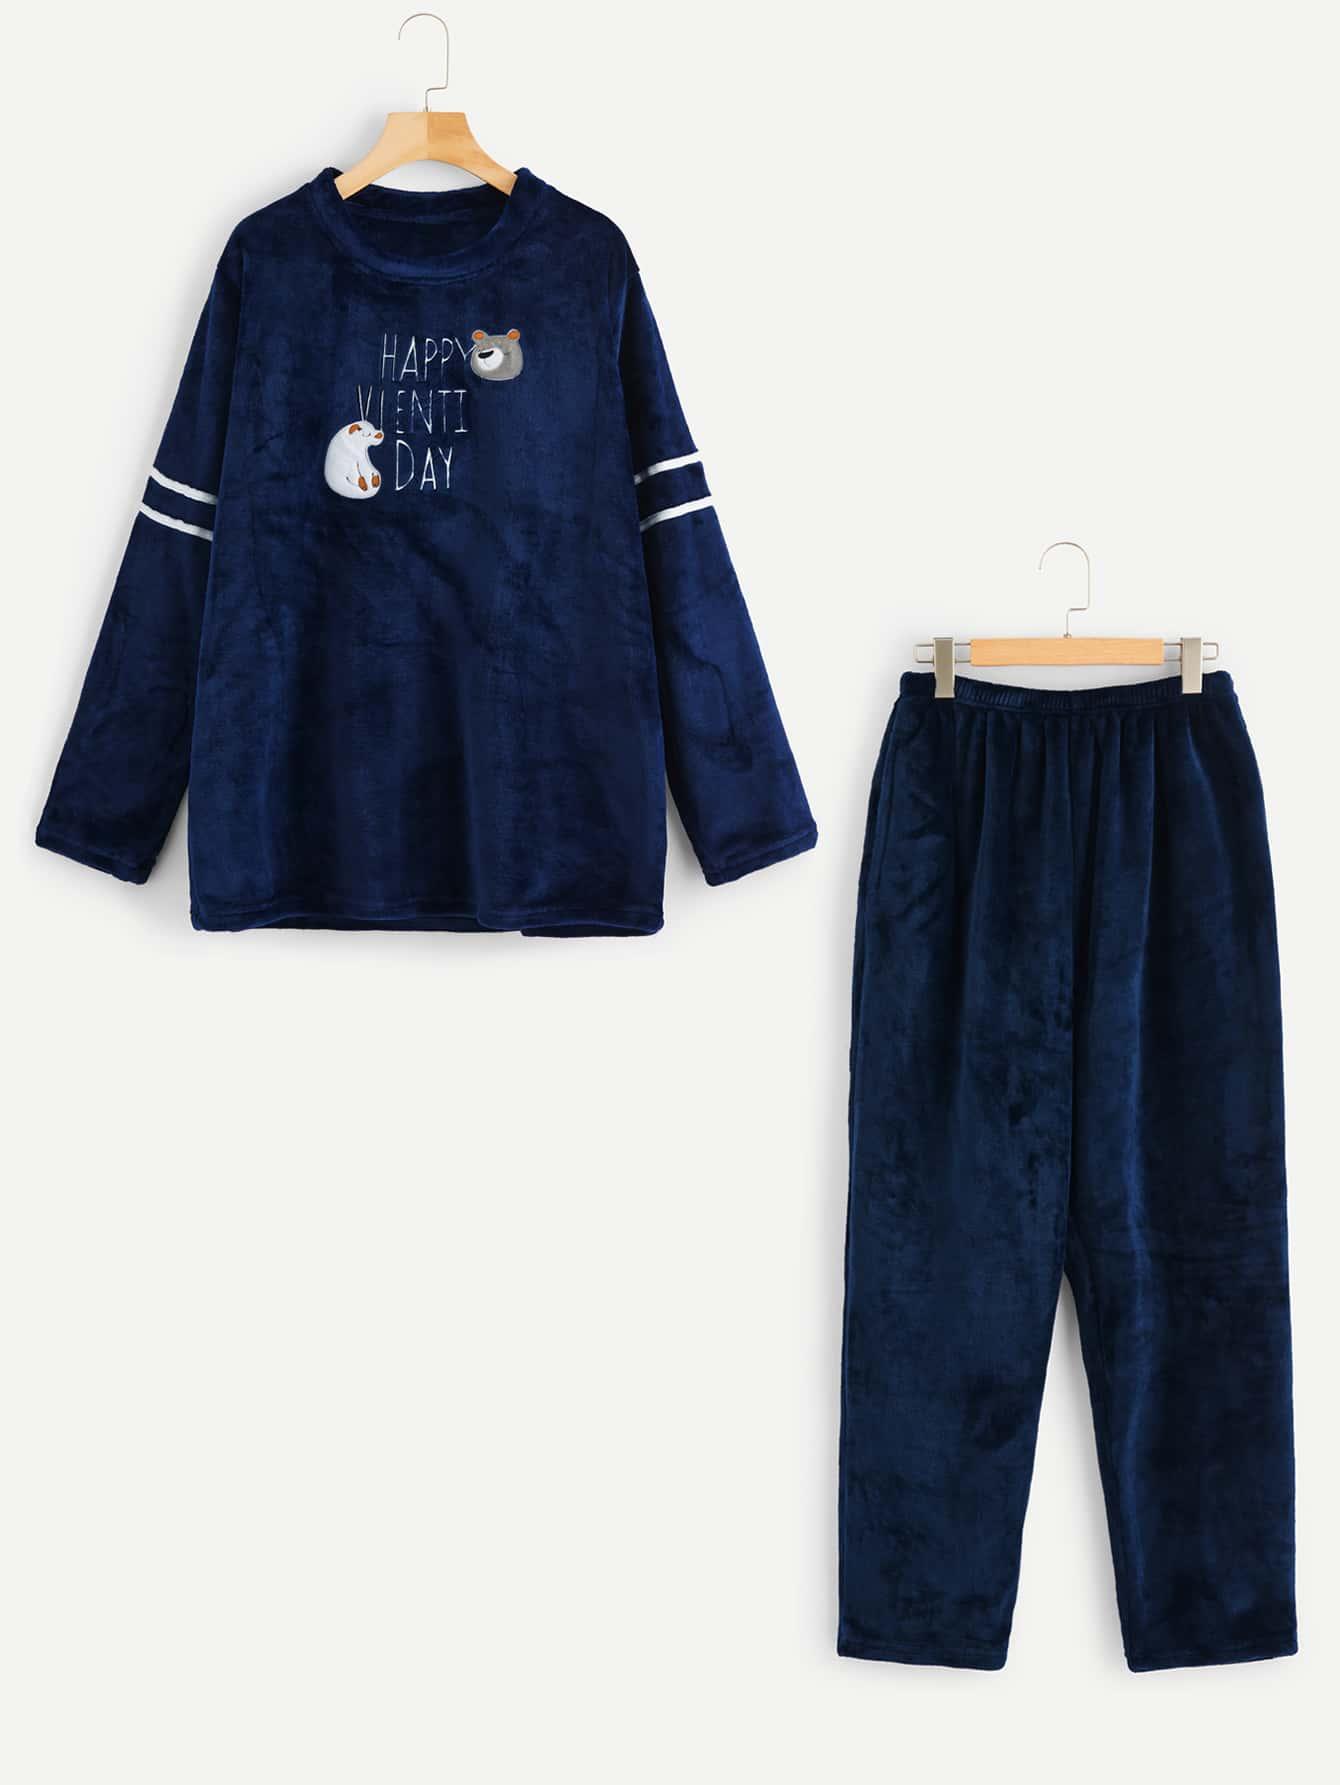 Фото - Мужский комплект пушистой пижамы с принтом медведя и вышитых букв от SheIn цвет тёмно-синие